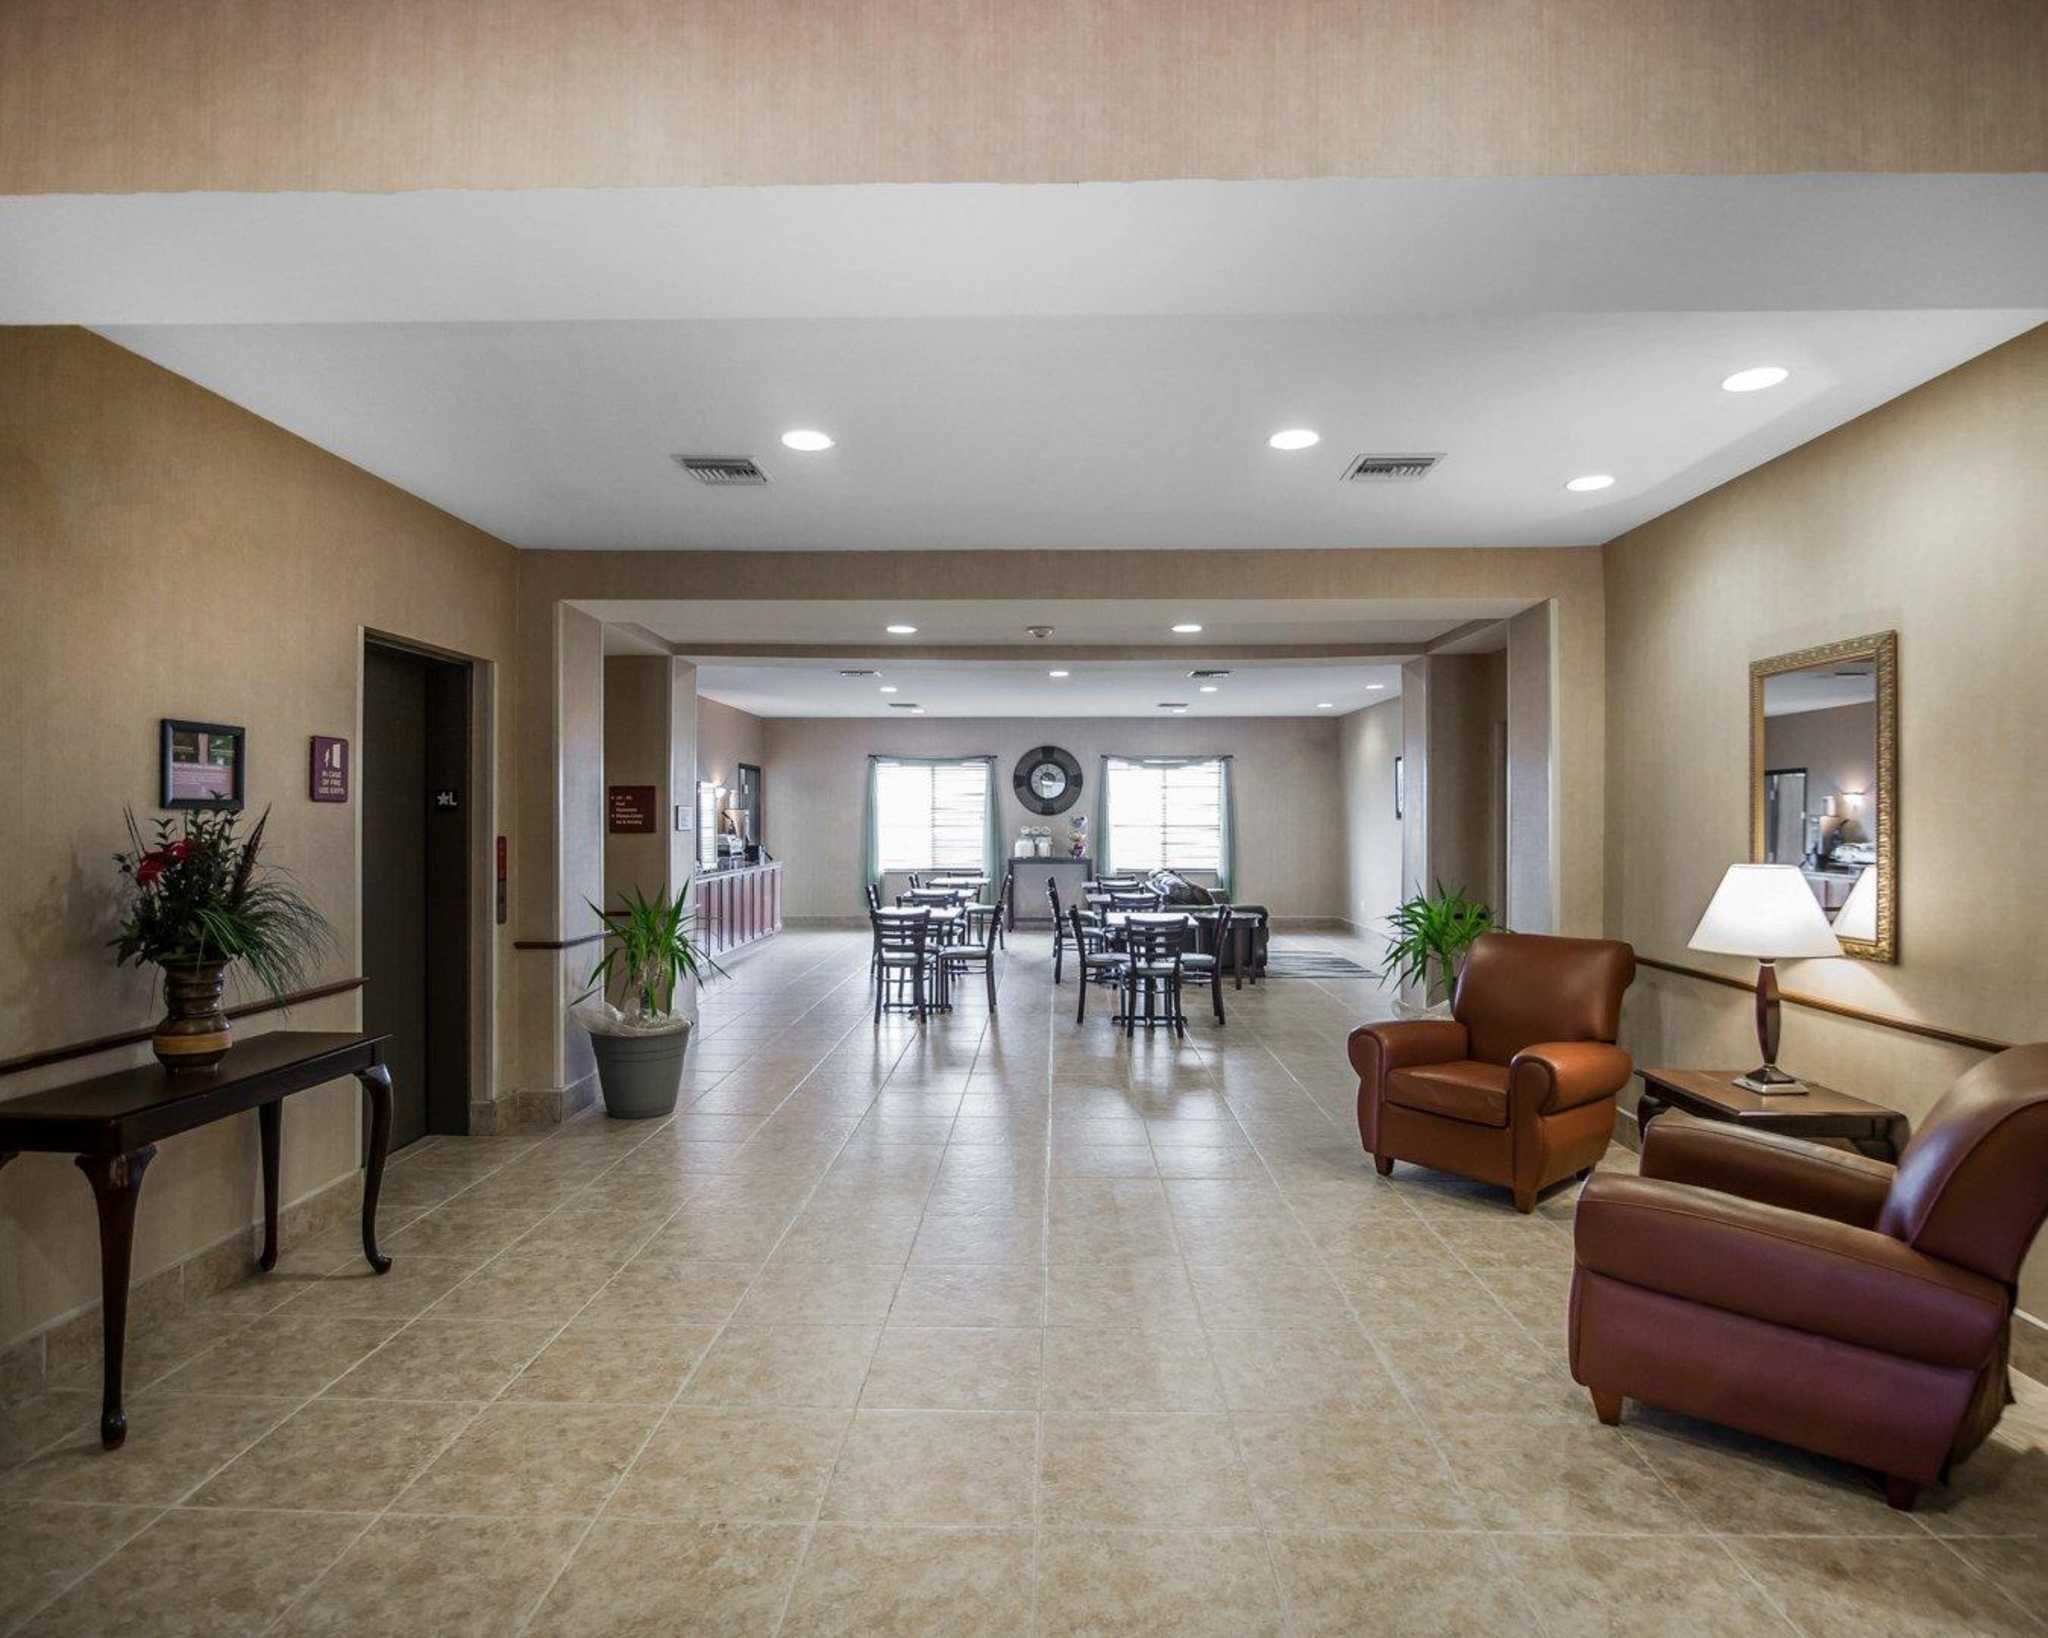 Rodeway Inn & Suites image 11